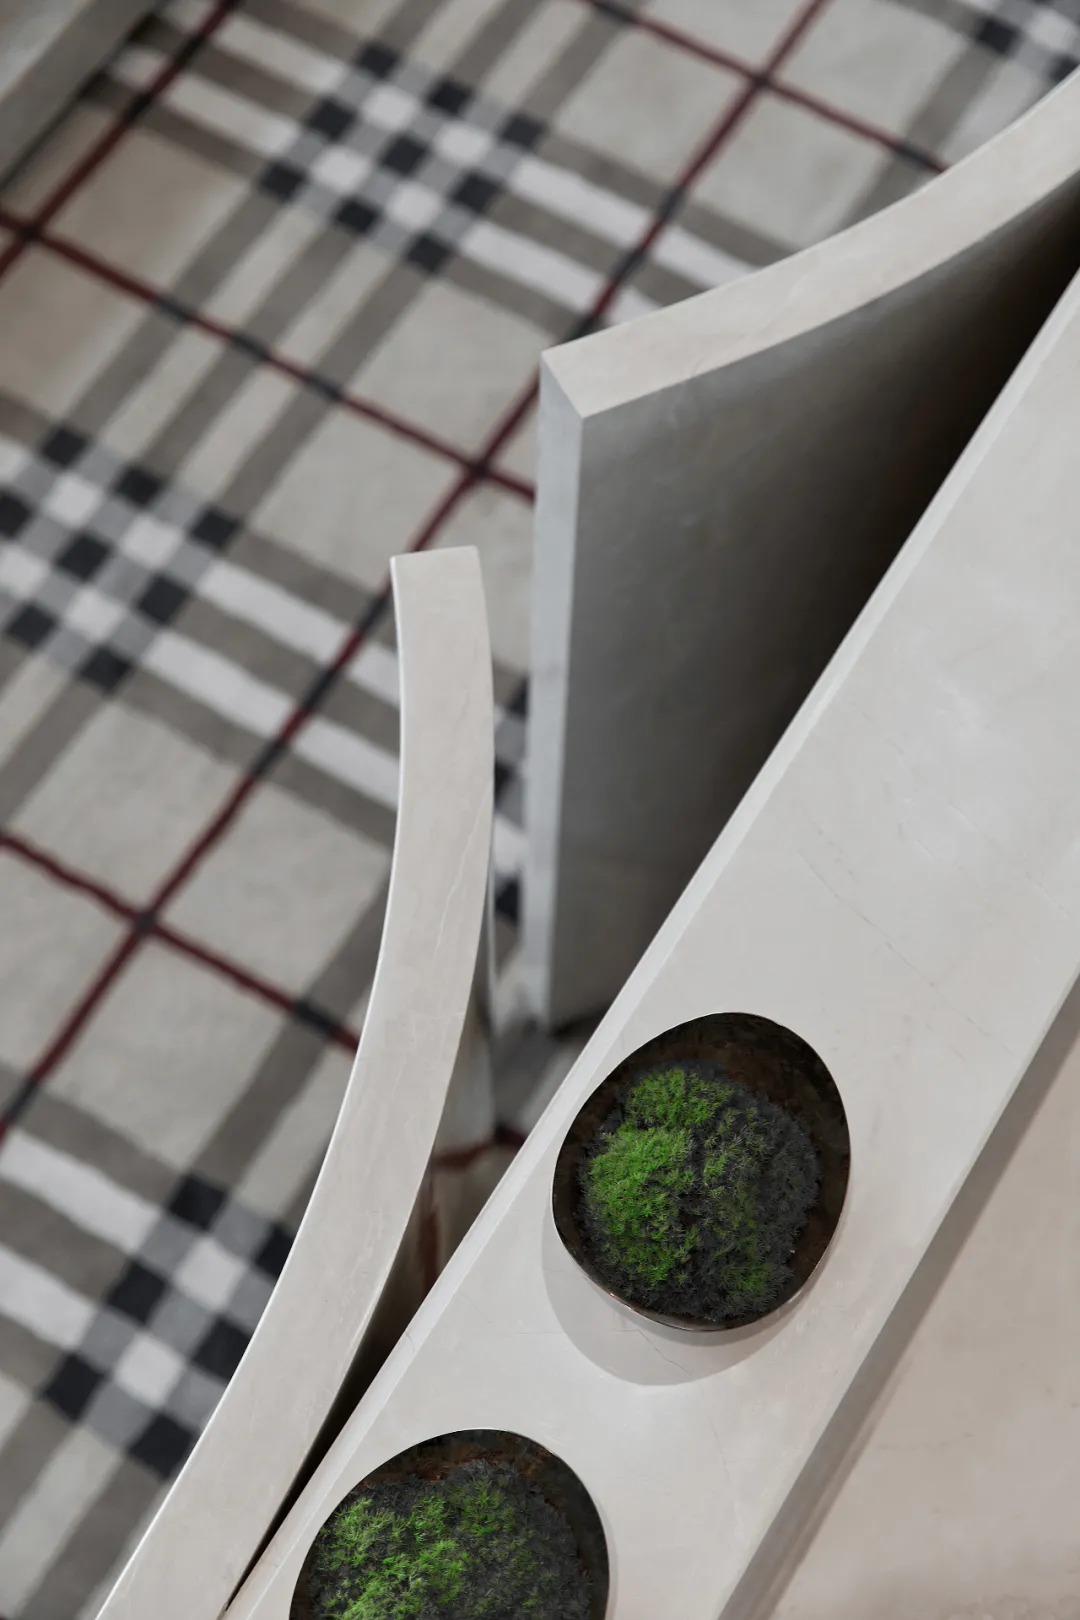 金华 金地 · 峰汇花园售楼处 室内letou国际米兰下载 / 易和室内